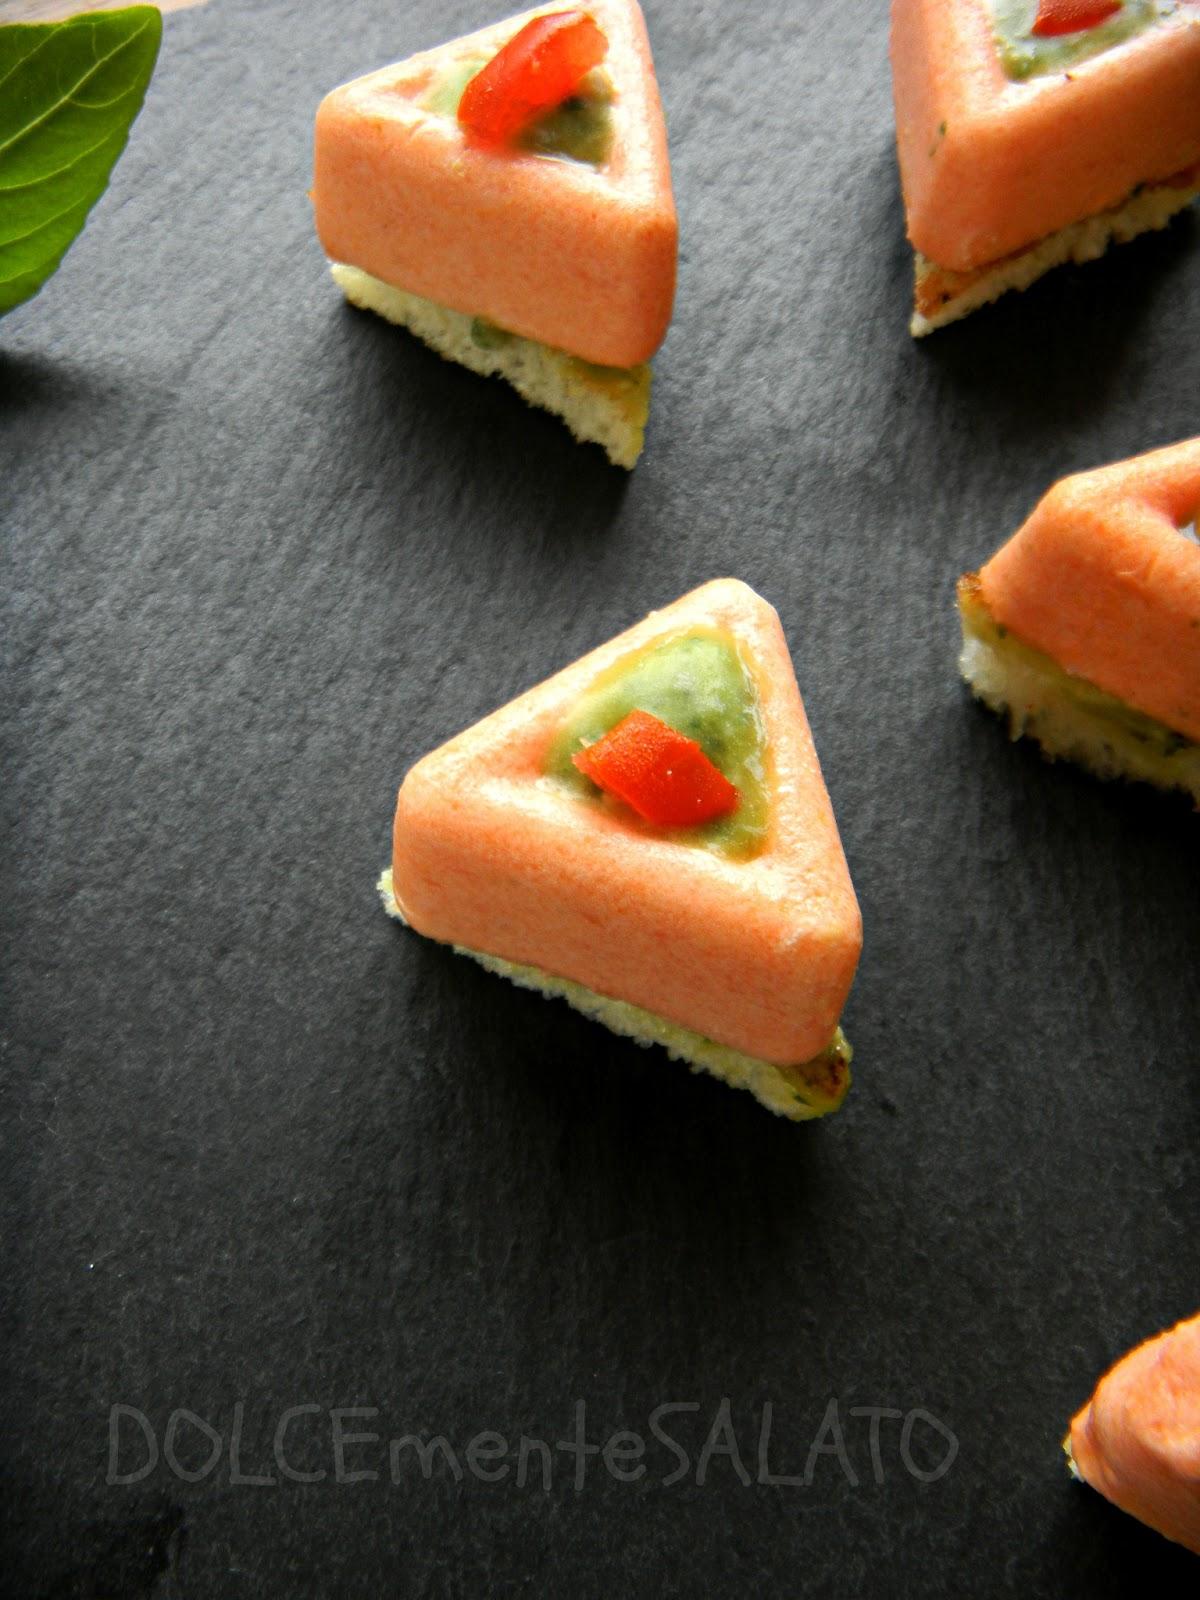 Dolcemente salato mini savarin di mousse al pomodoro e - Togliere silicone dalle piastrelle ...